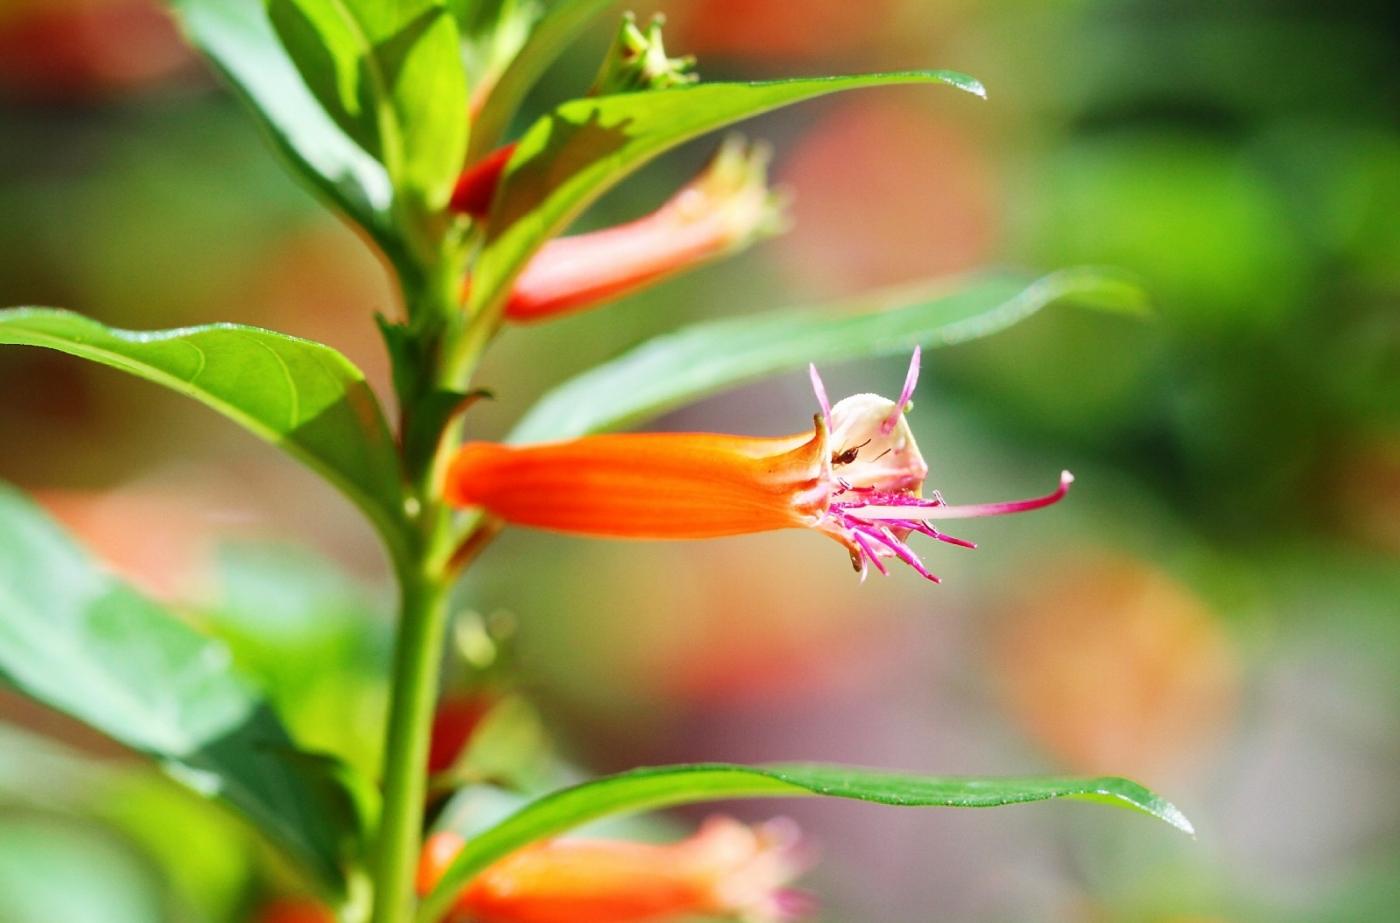 【田螺随拍】我今年种的蜂鸟喜欢吃的花都开了_图1-7